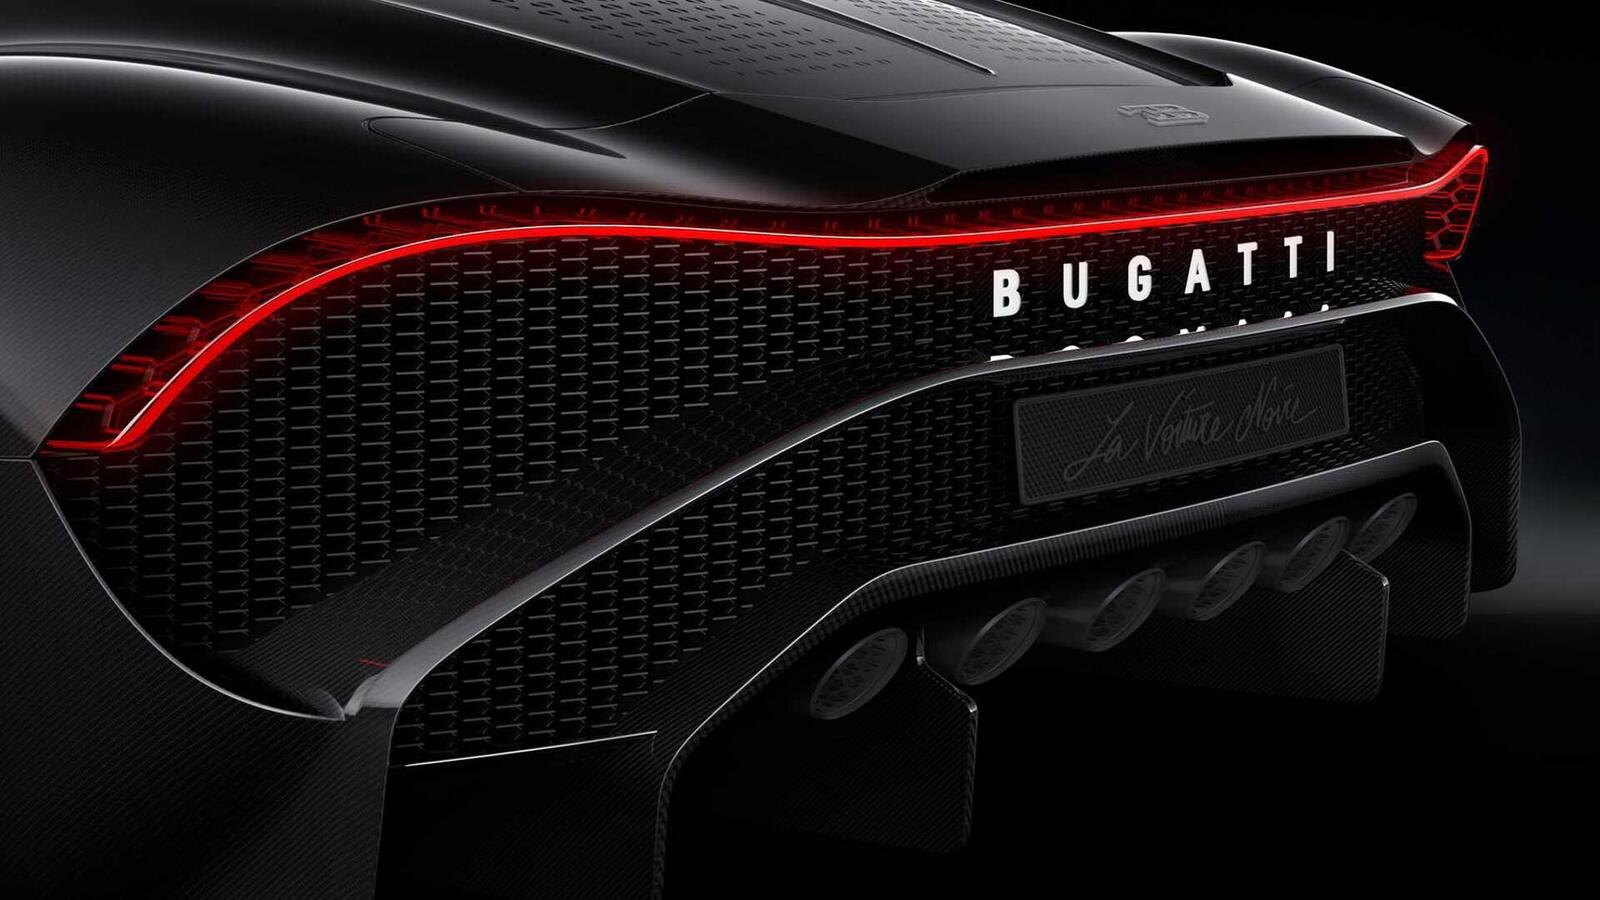 [GMS2019] Siêu phẩm Bugatti La Voatio Noire ra mắt: Chỉ một chiếc được sản xuất; giá hơn 259 tỷ đồng - Hình 16